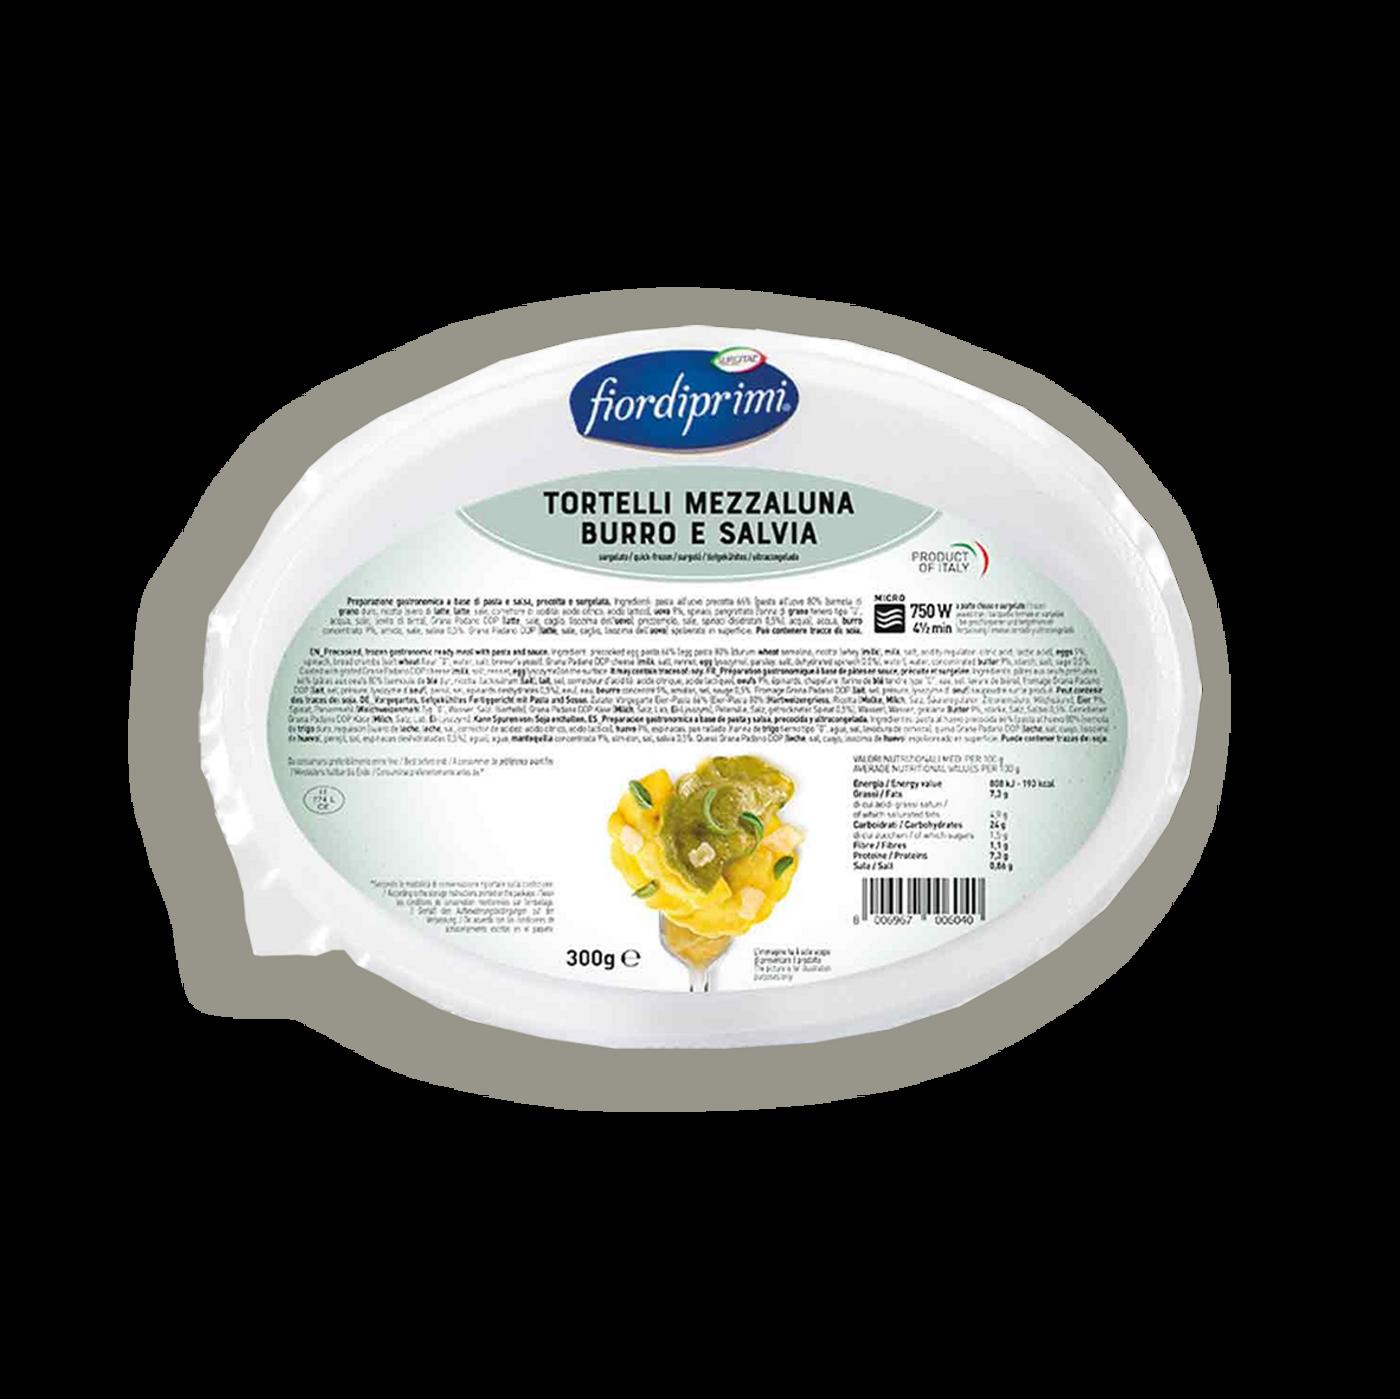 Tortelli Mezzaluna Burro E Salvia